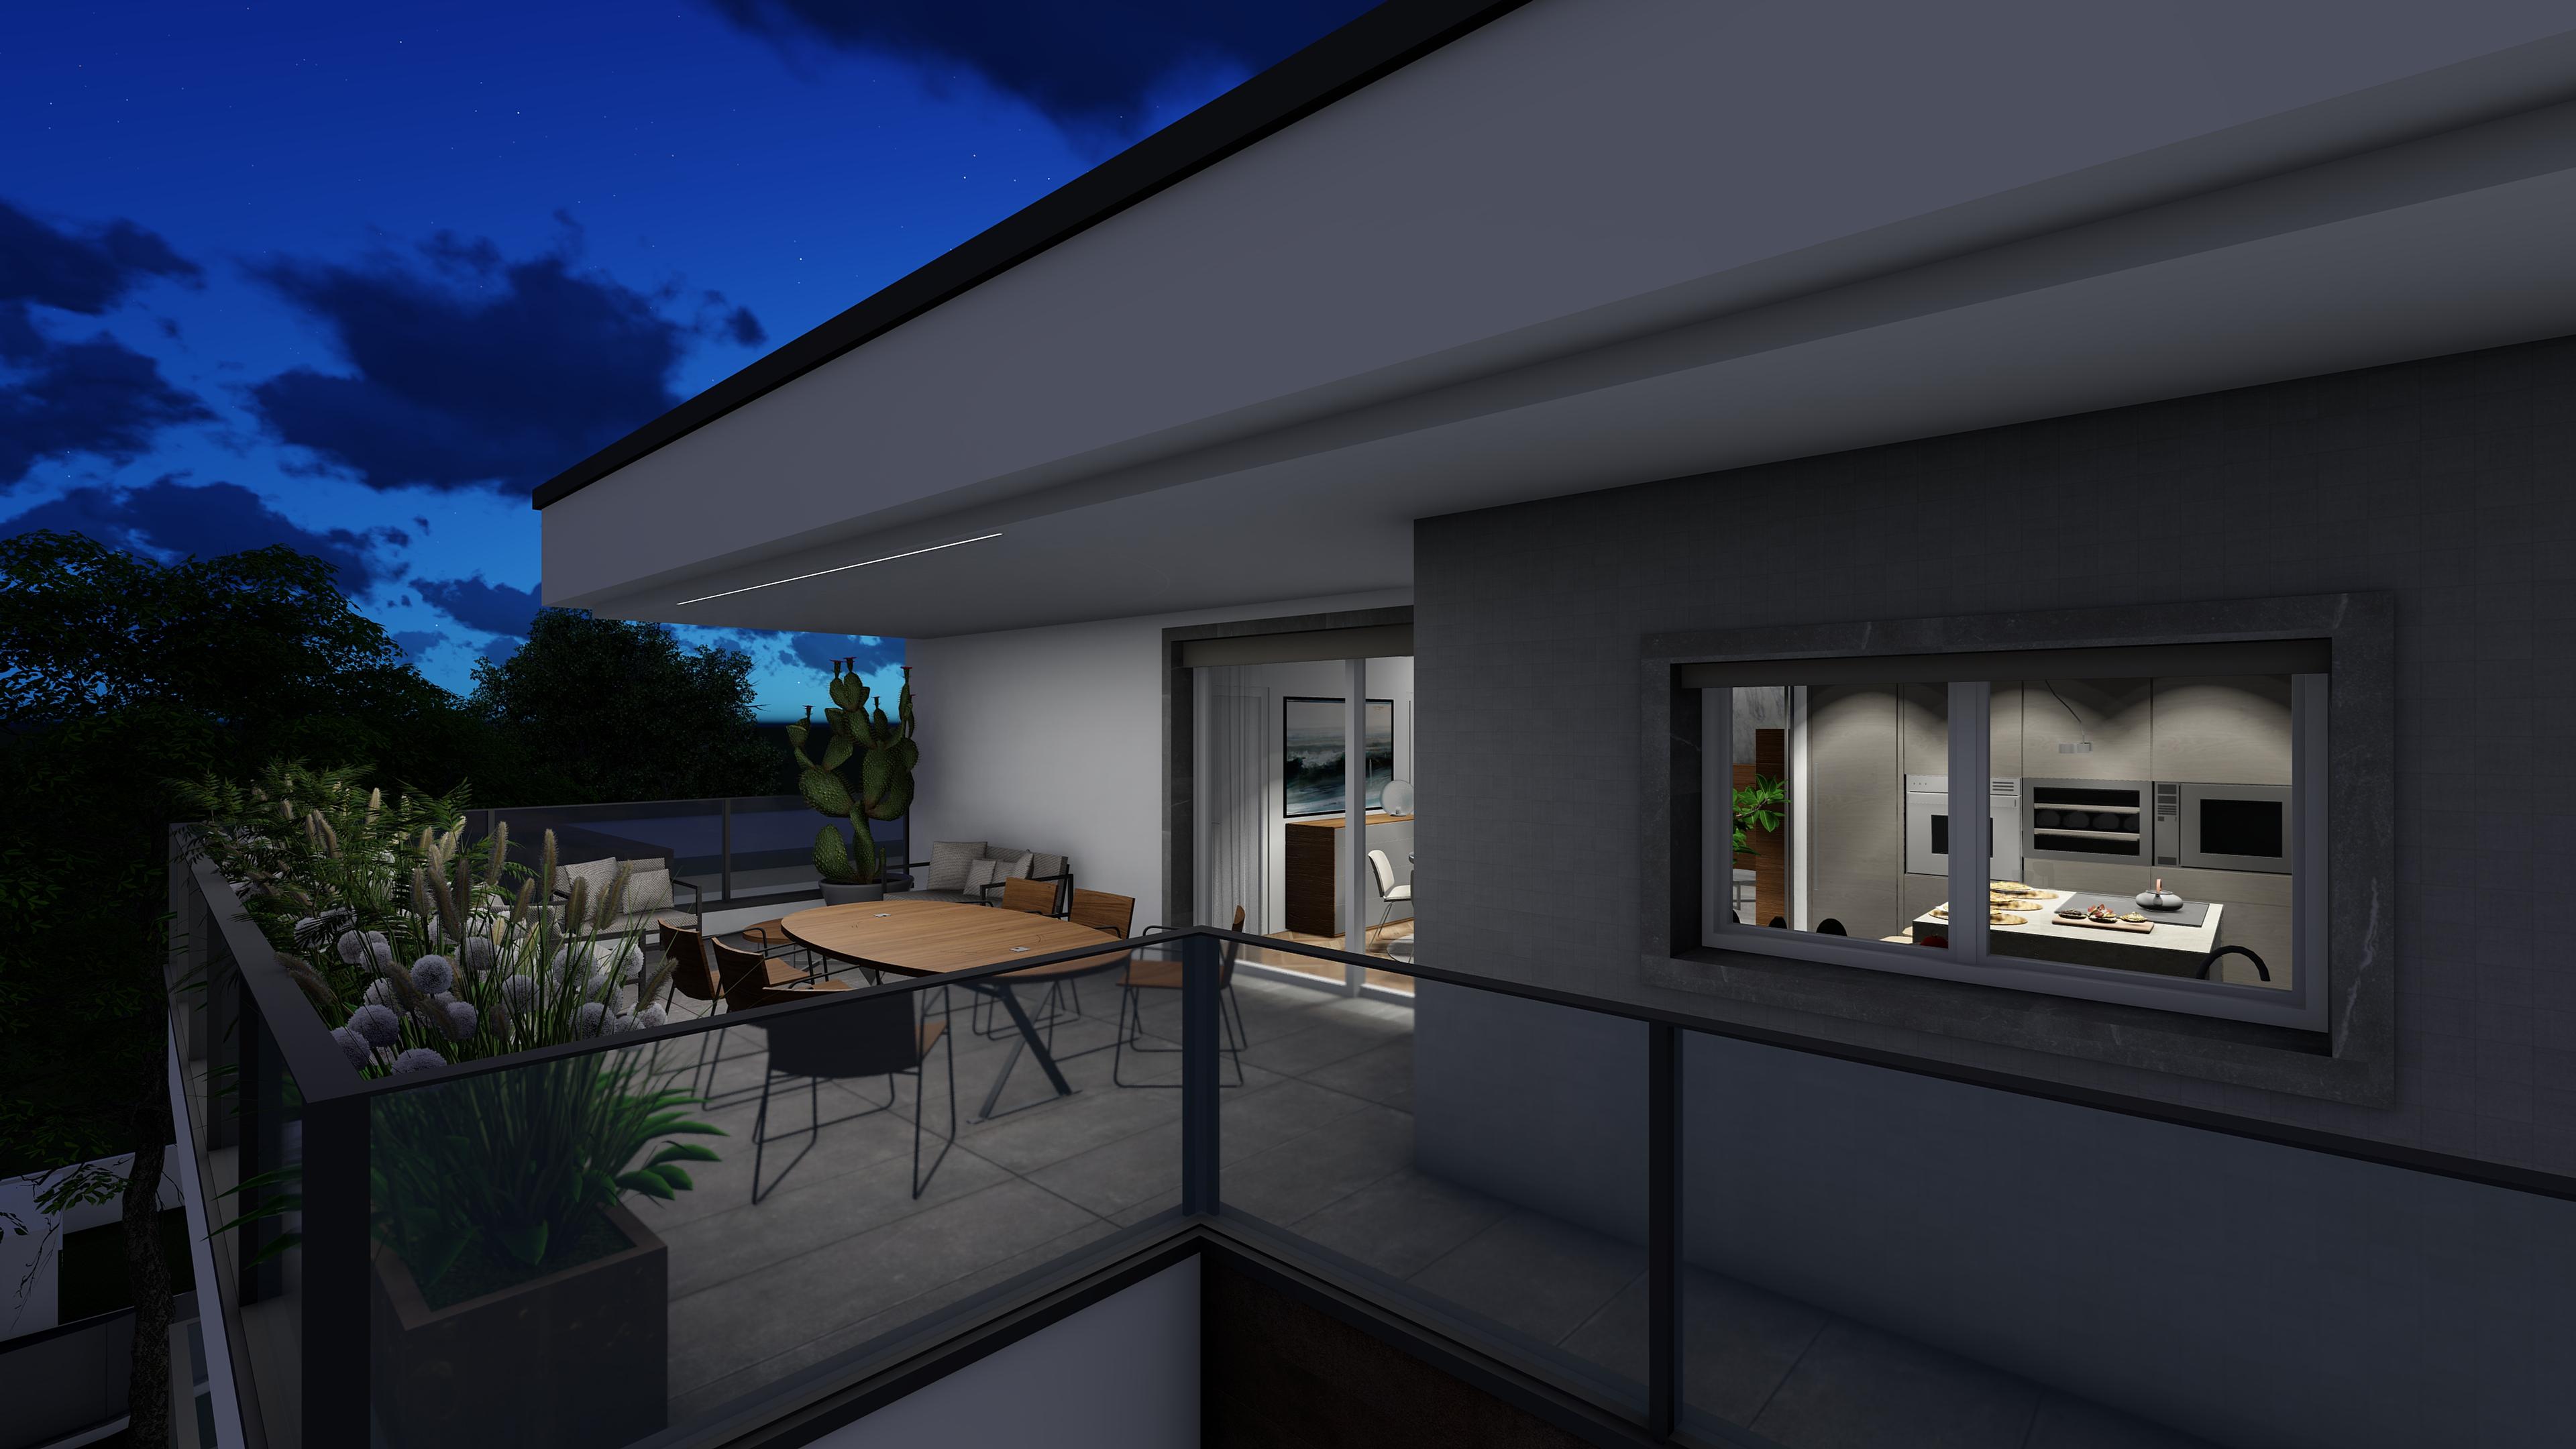 appartamenti in vendita Treviglio - ampio terrazzo